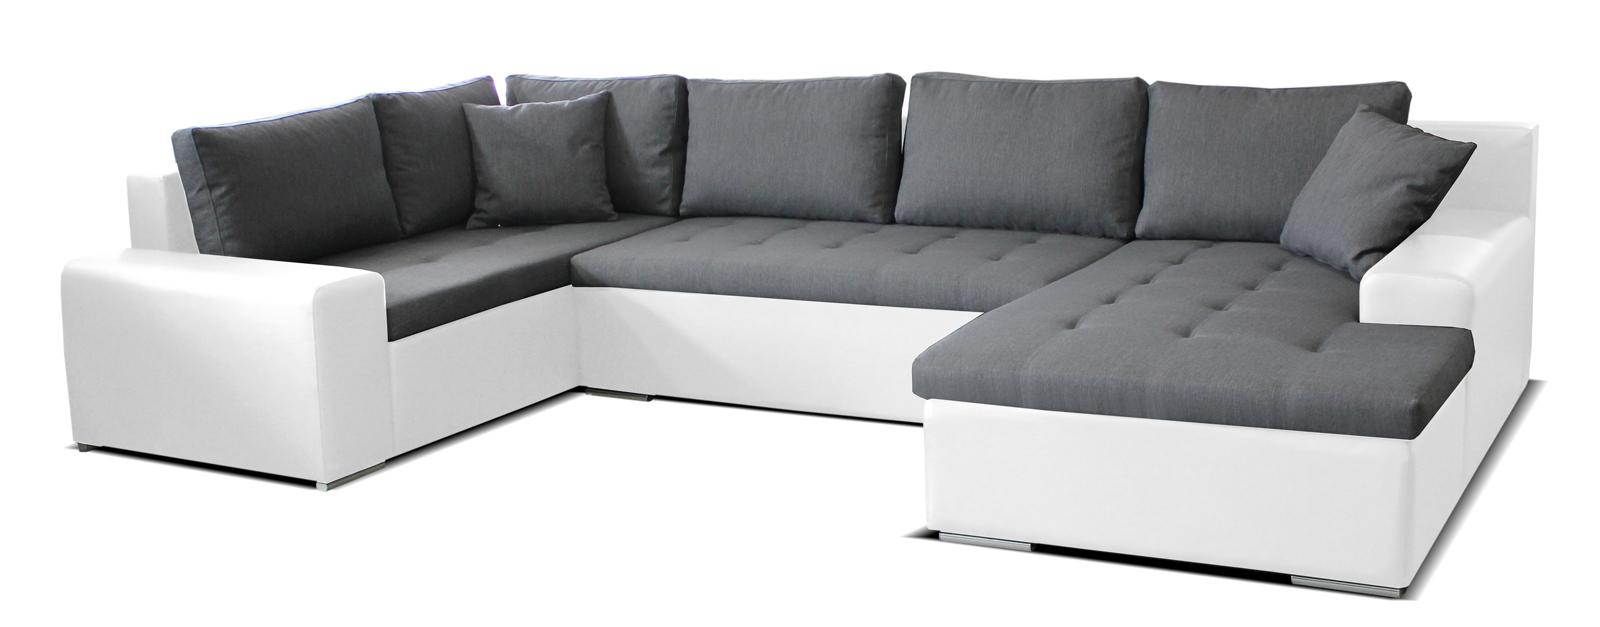 Rohová sedací souprava U - Po-Sed - Moreno BL+2+L (šedá + bílá) (P)